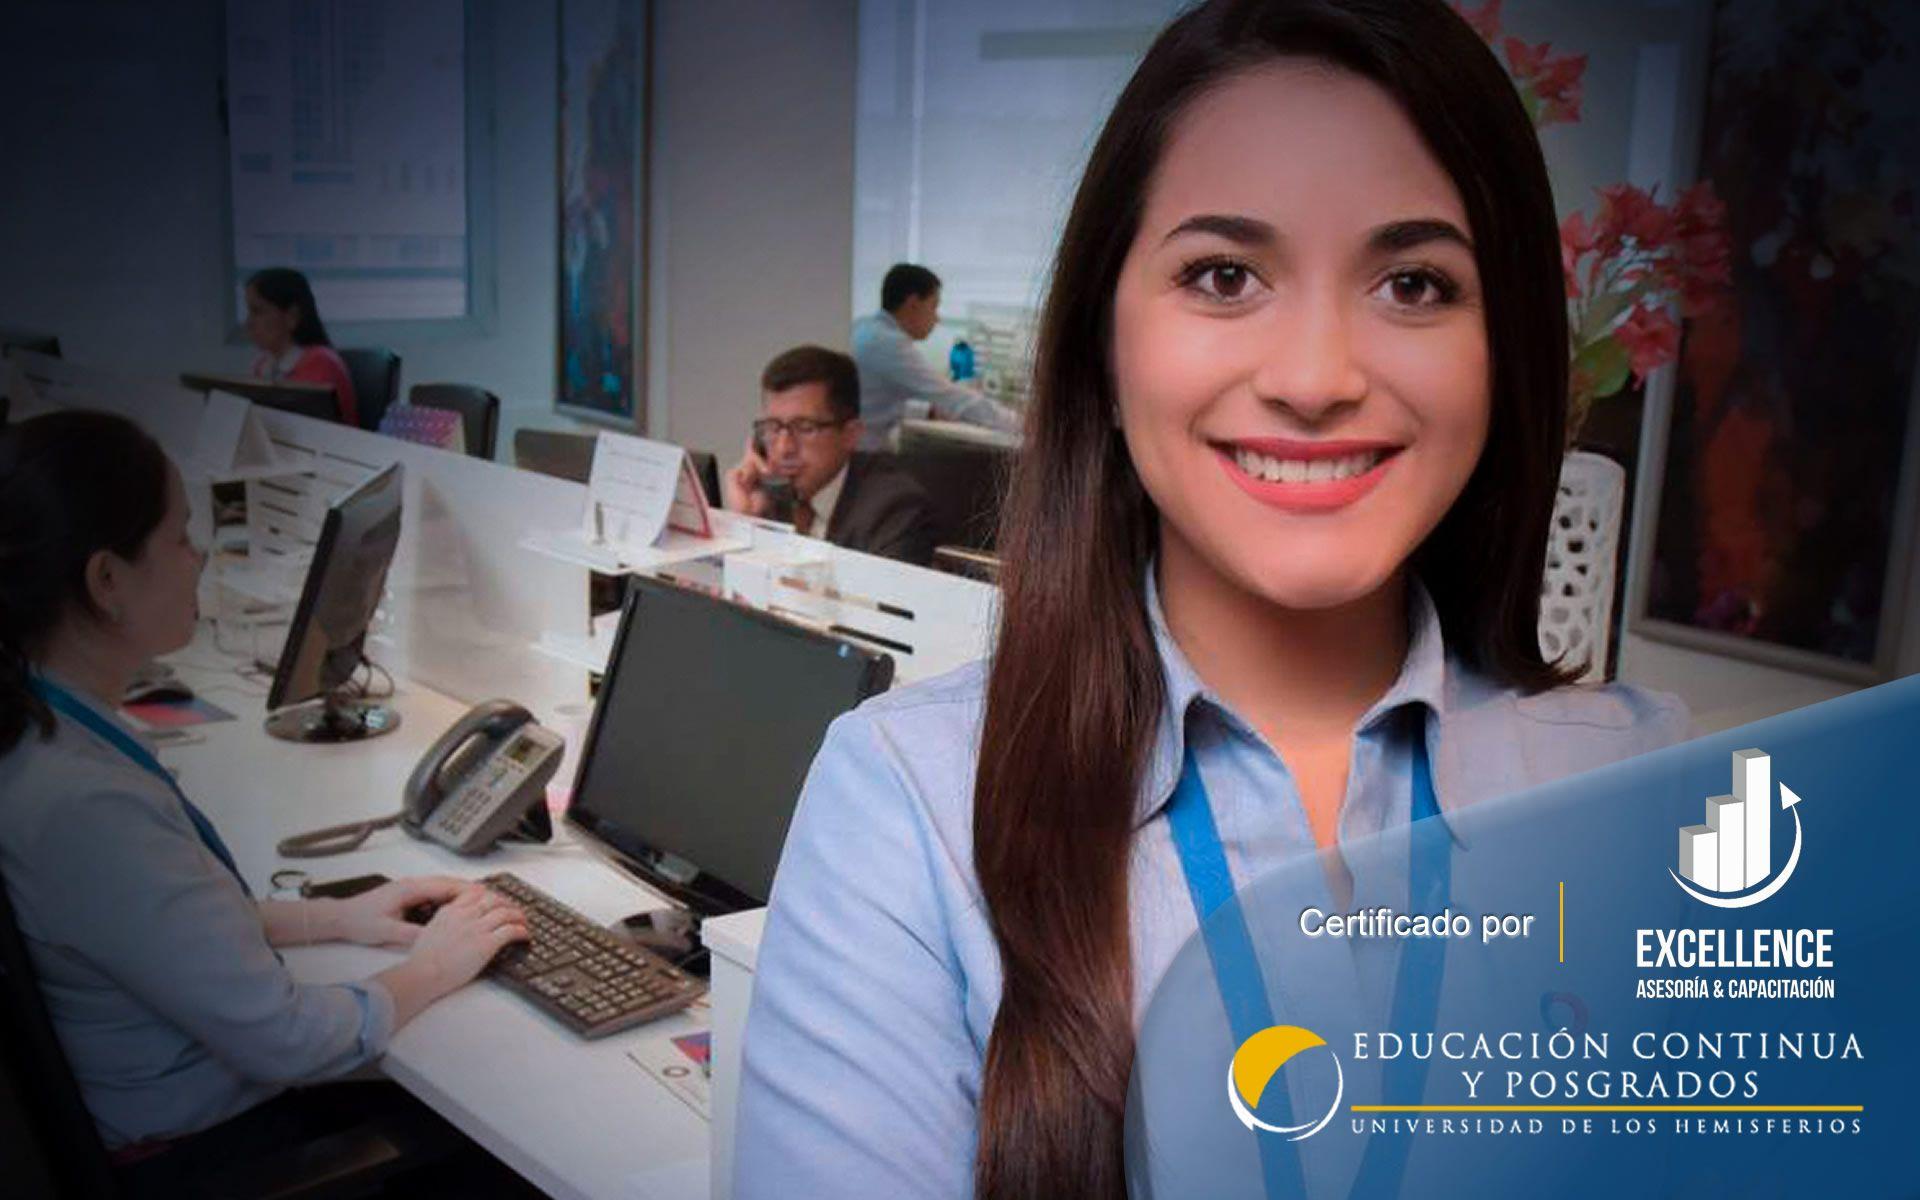 Curso Gestión en Servicios Bancarios & Financieros Mención Asesor de Crédito